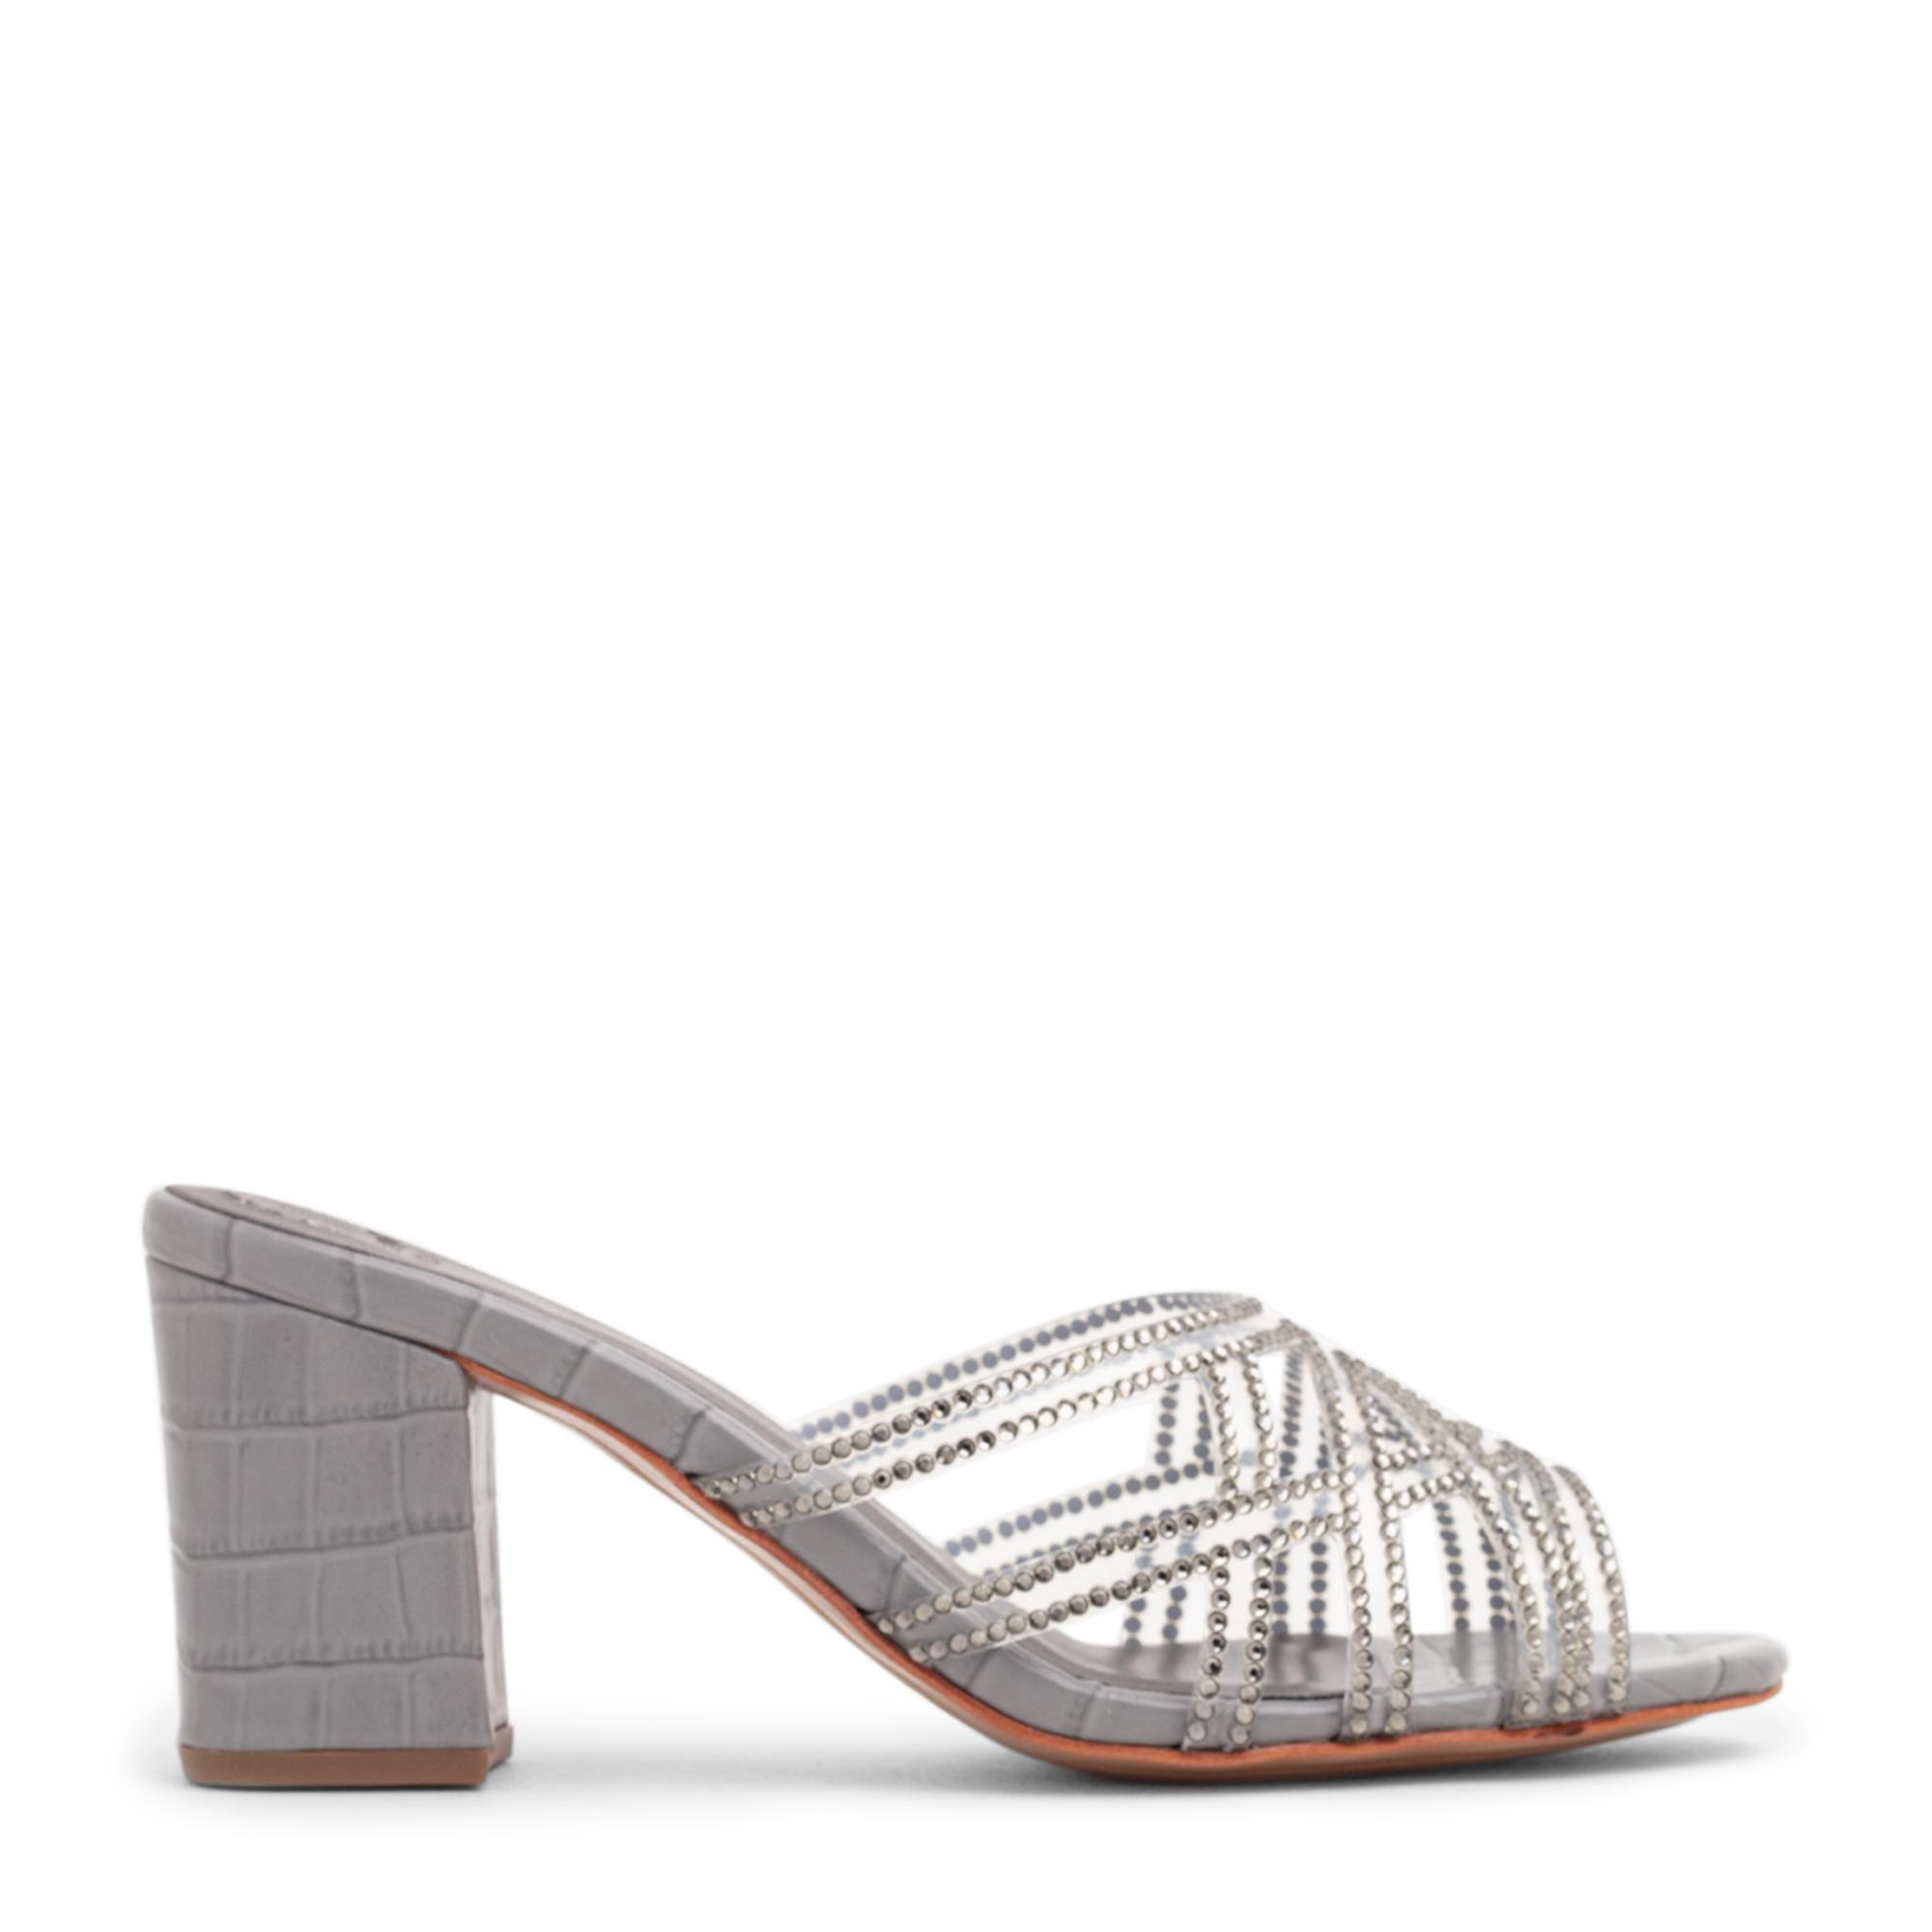 Karol crystal embellished sandals